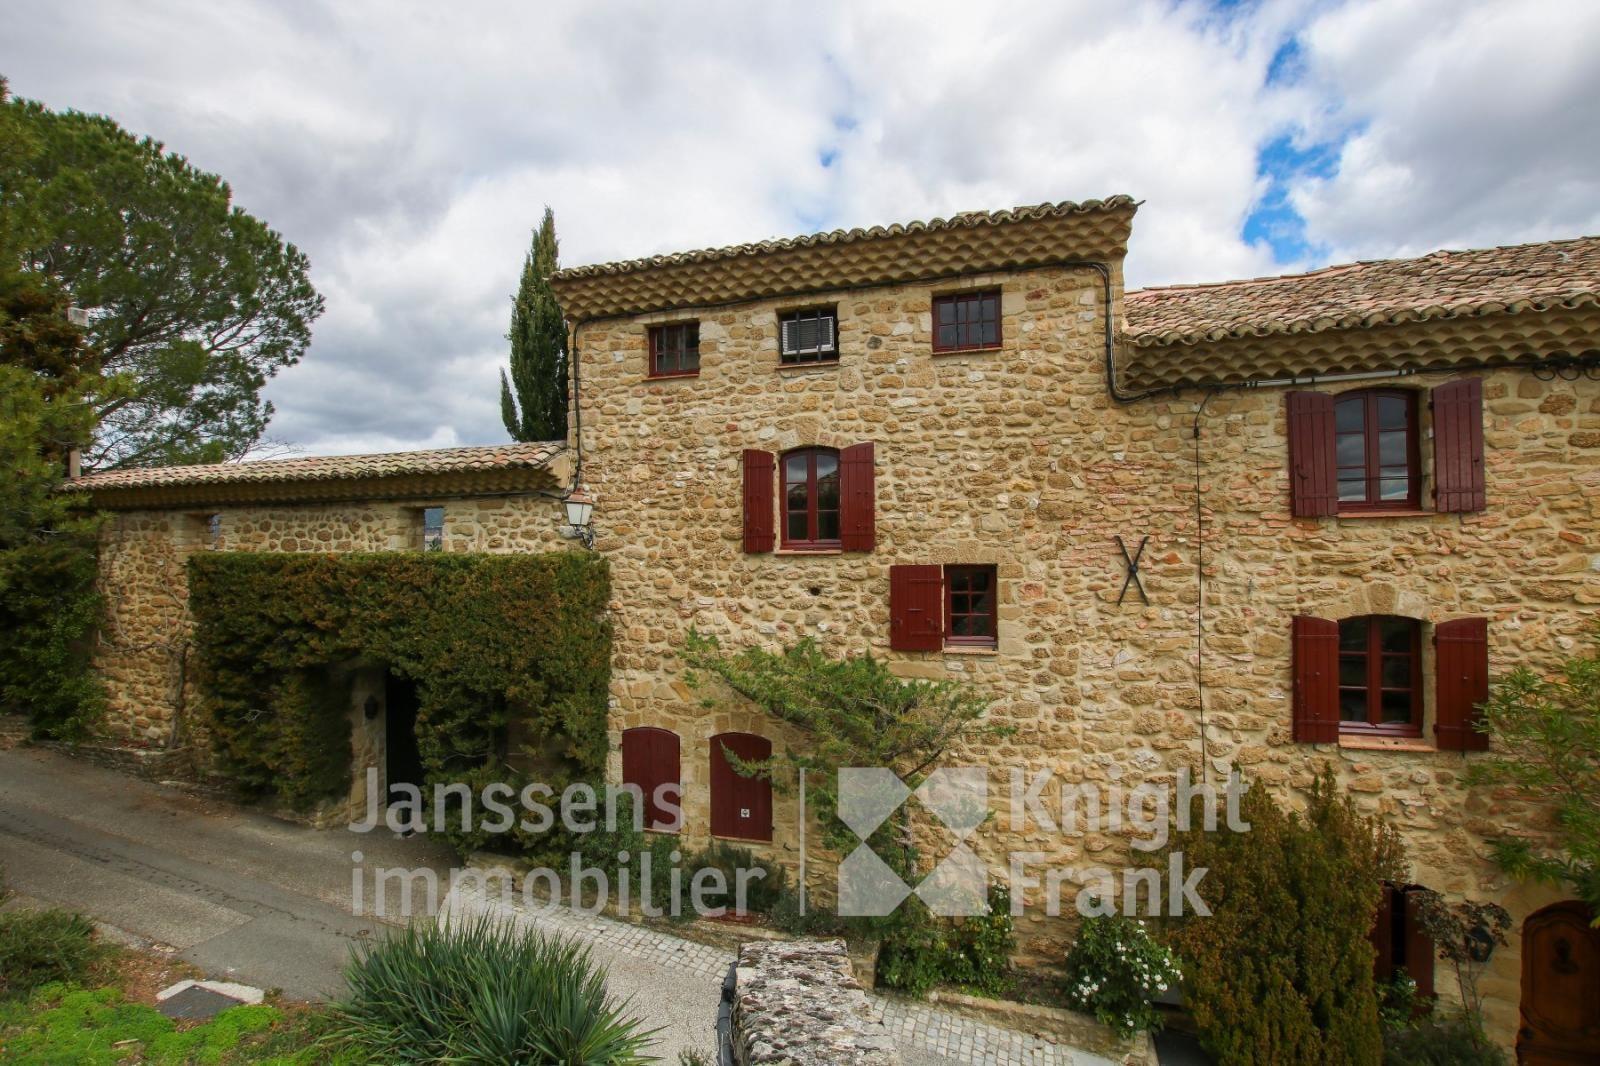 Village House For Sale Near Vaison La Romaine Janssens Immobilier